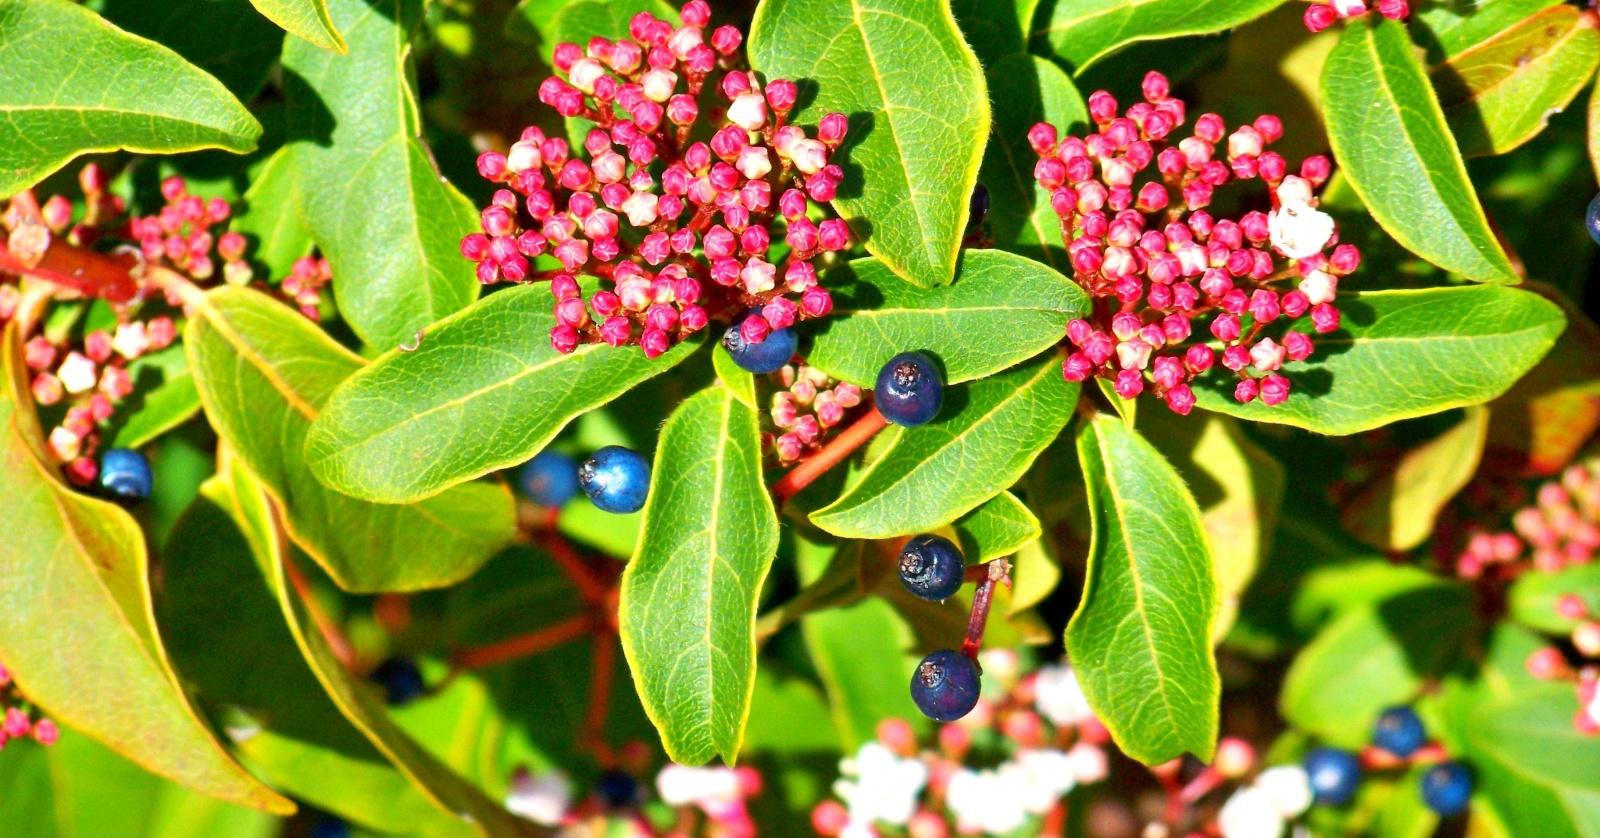 Оптика в ботанике: структурный цвет ягод калины тинус - 1